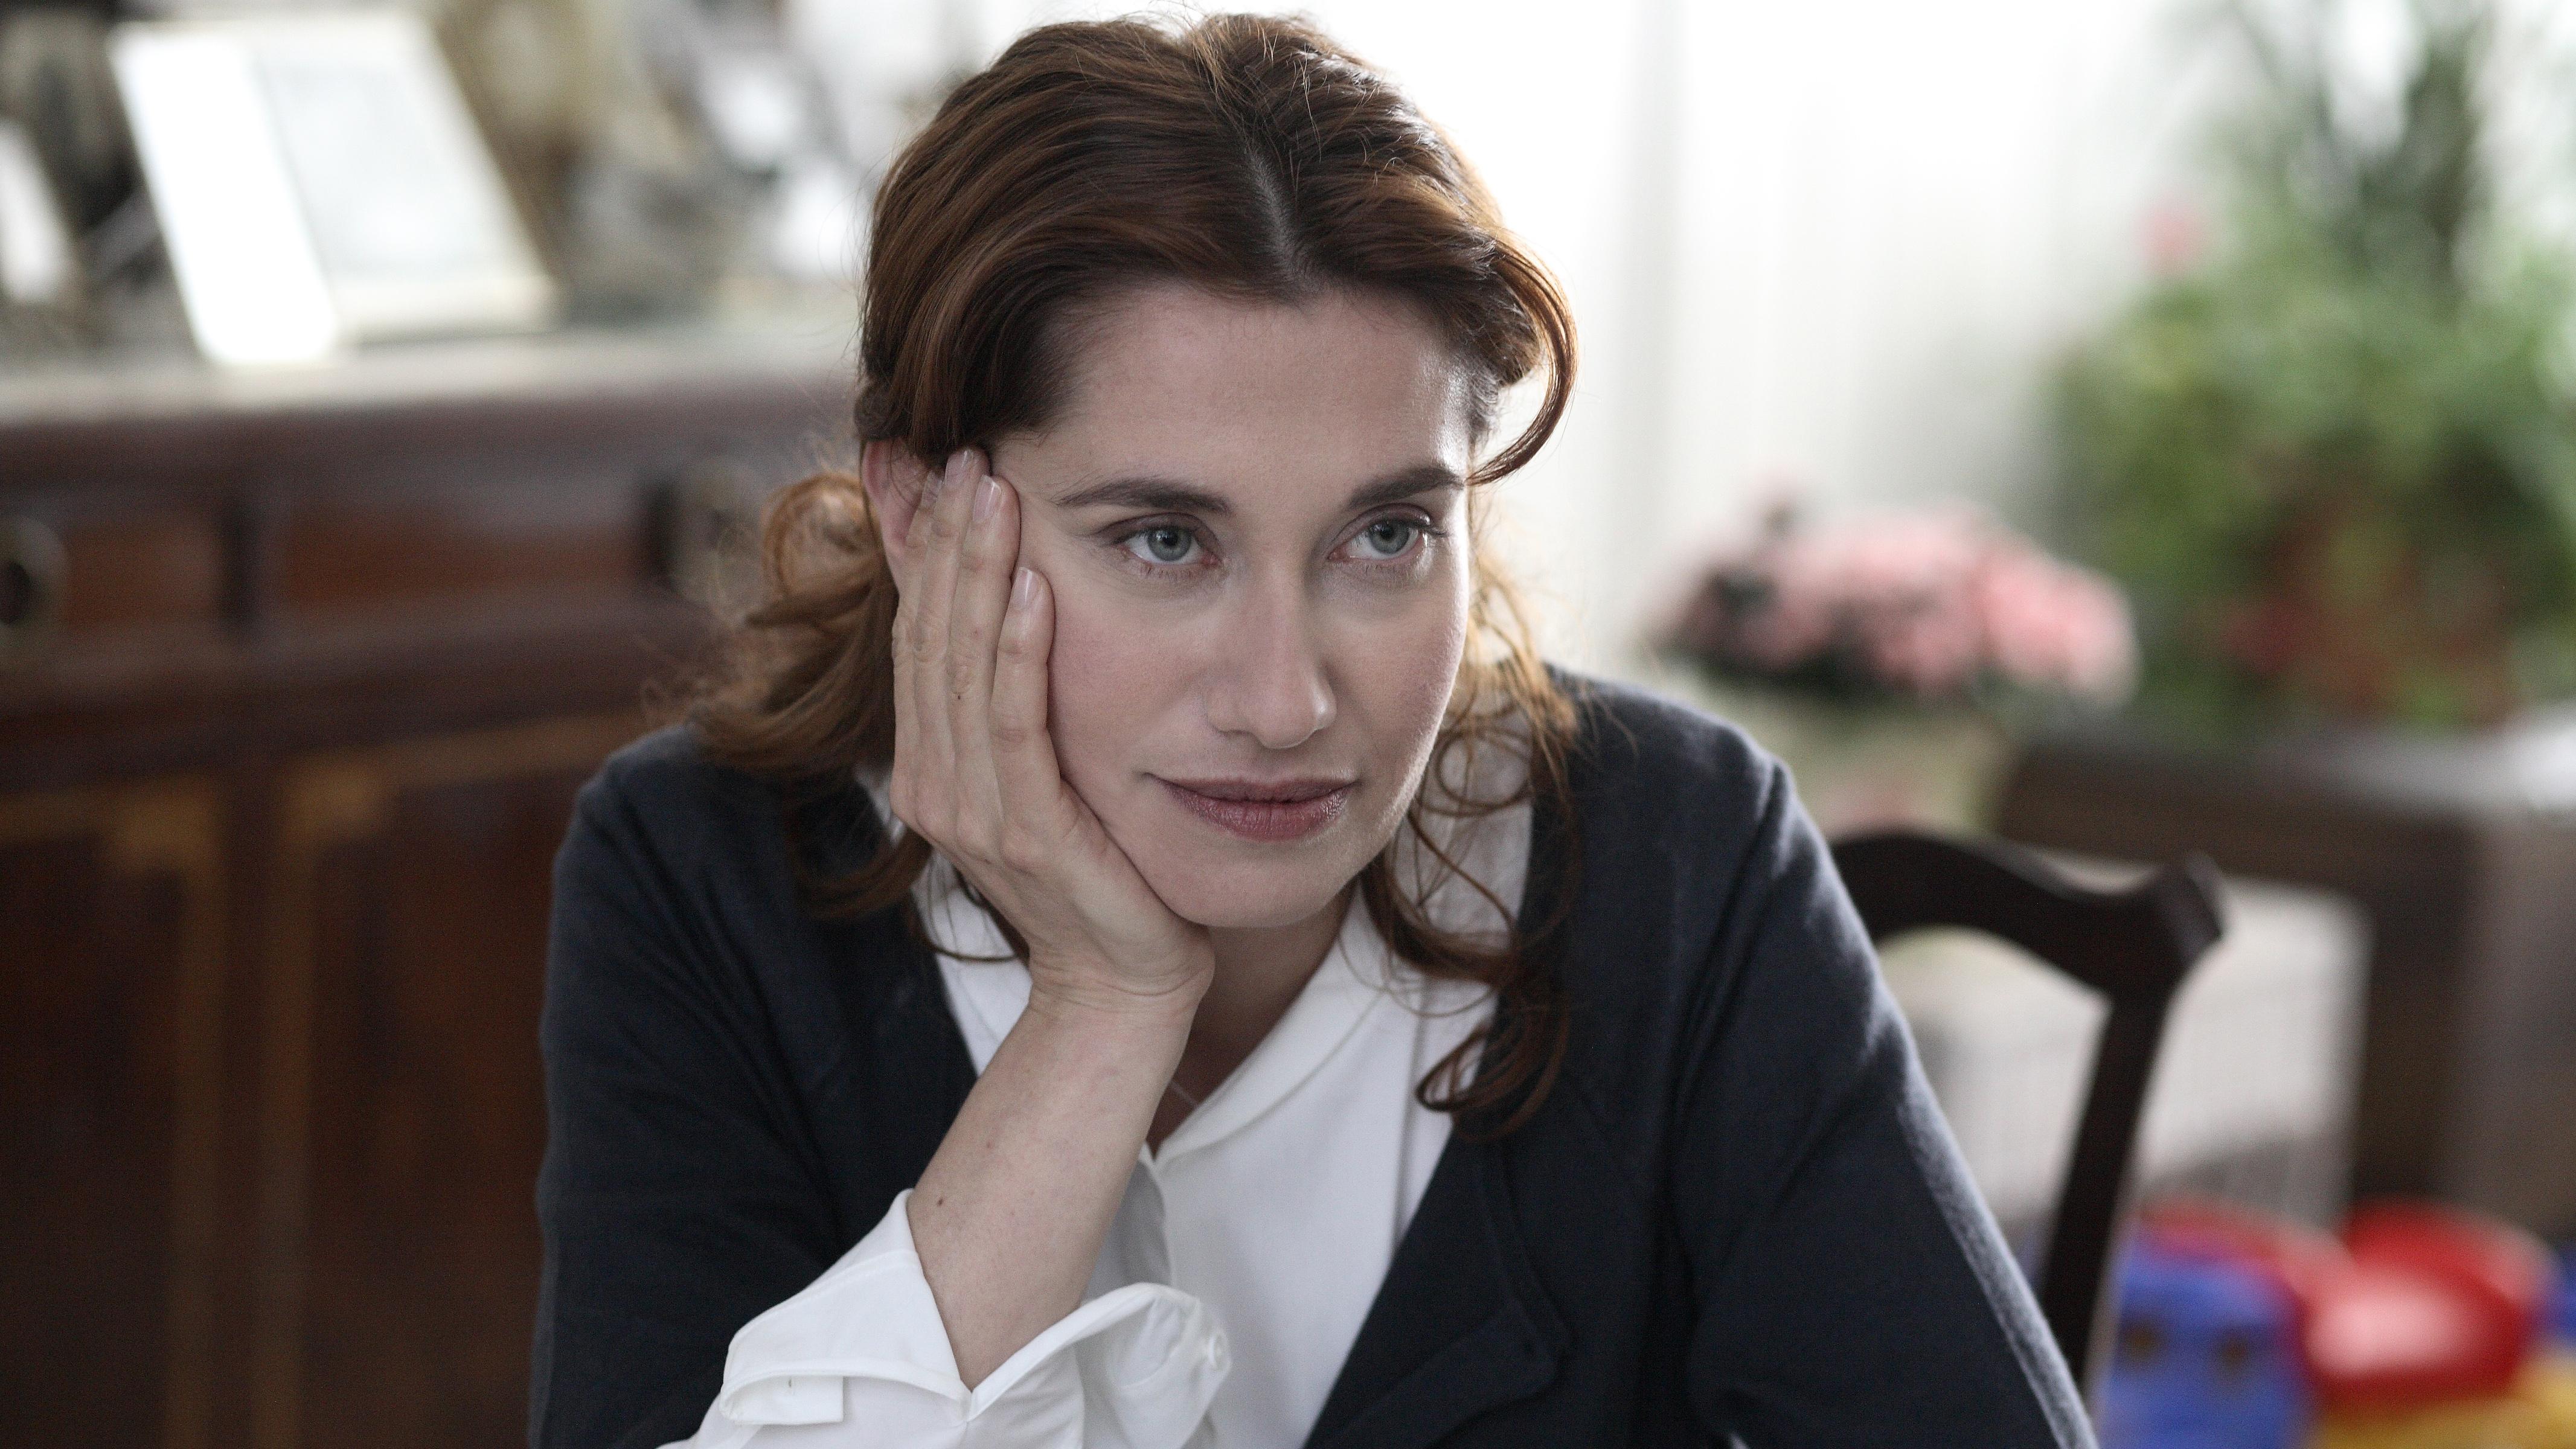 Outlier Looking In: Emmanuelle Devos in A Christmas Tale